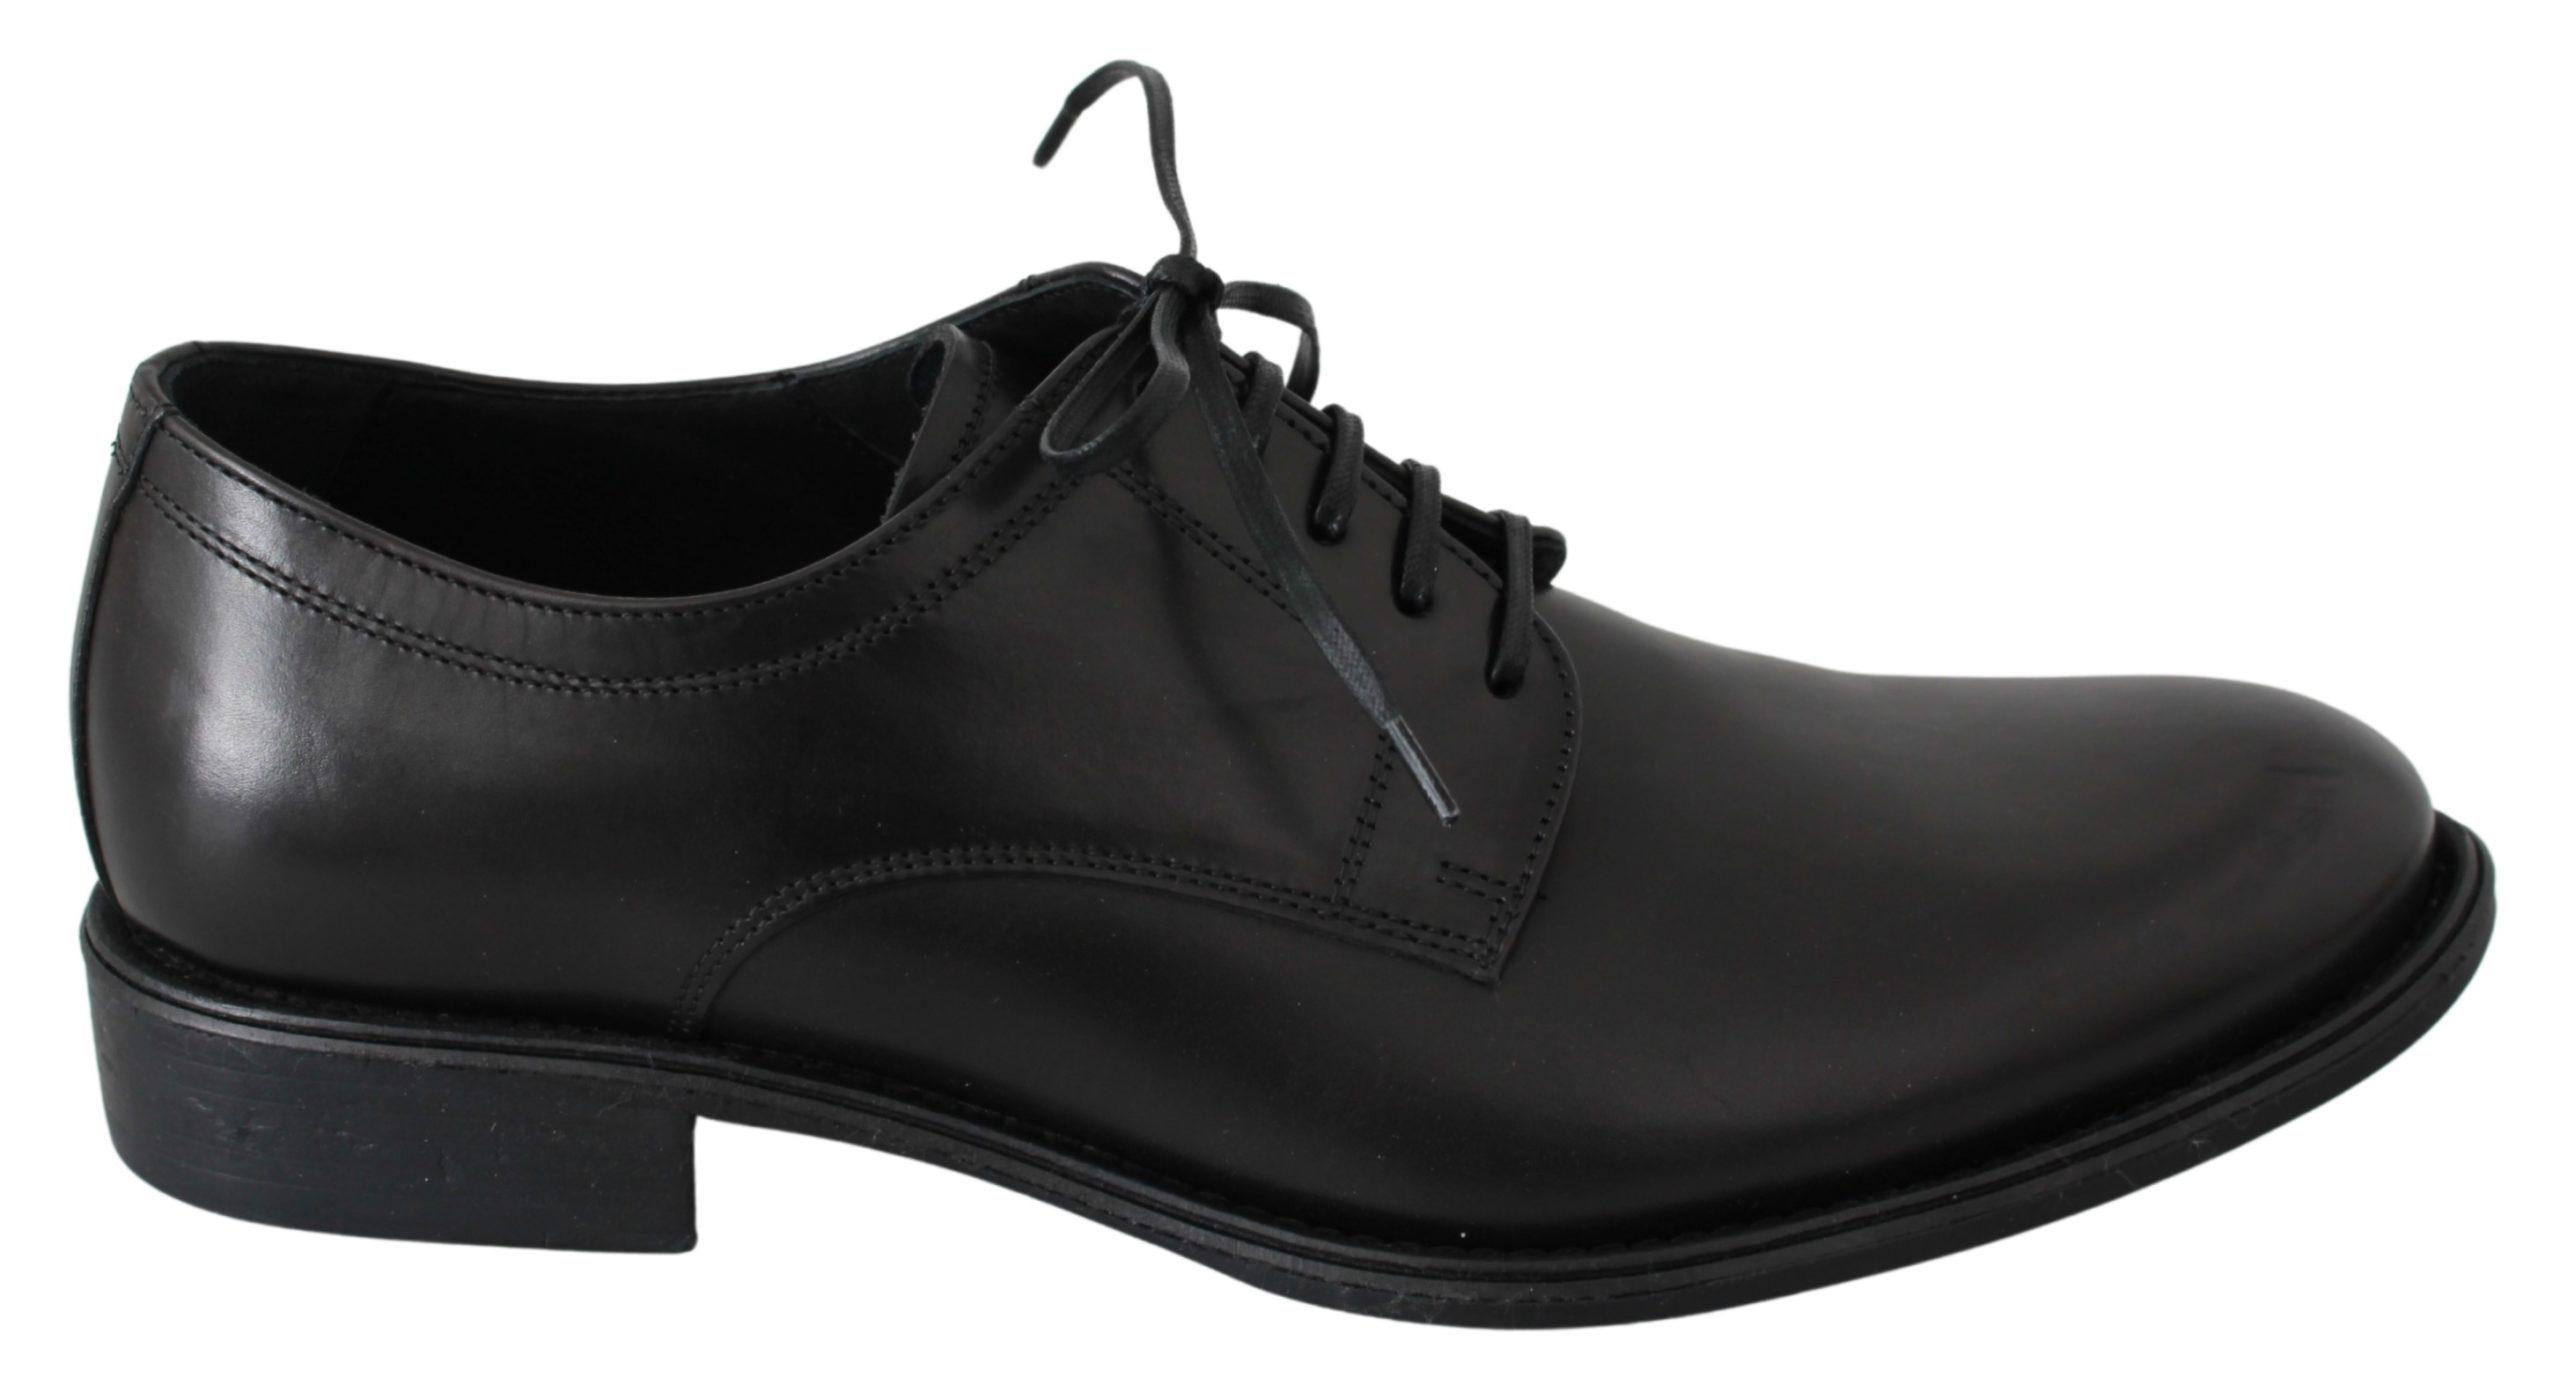 Black Leather Derby Formal Dress Mens Shoes - EU41/US8